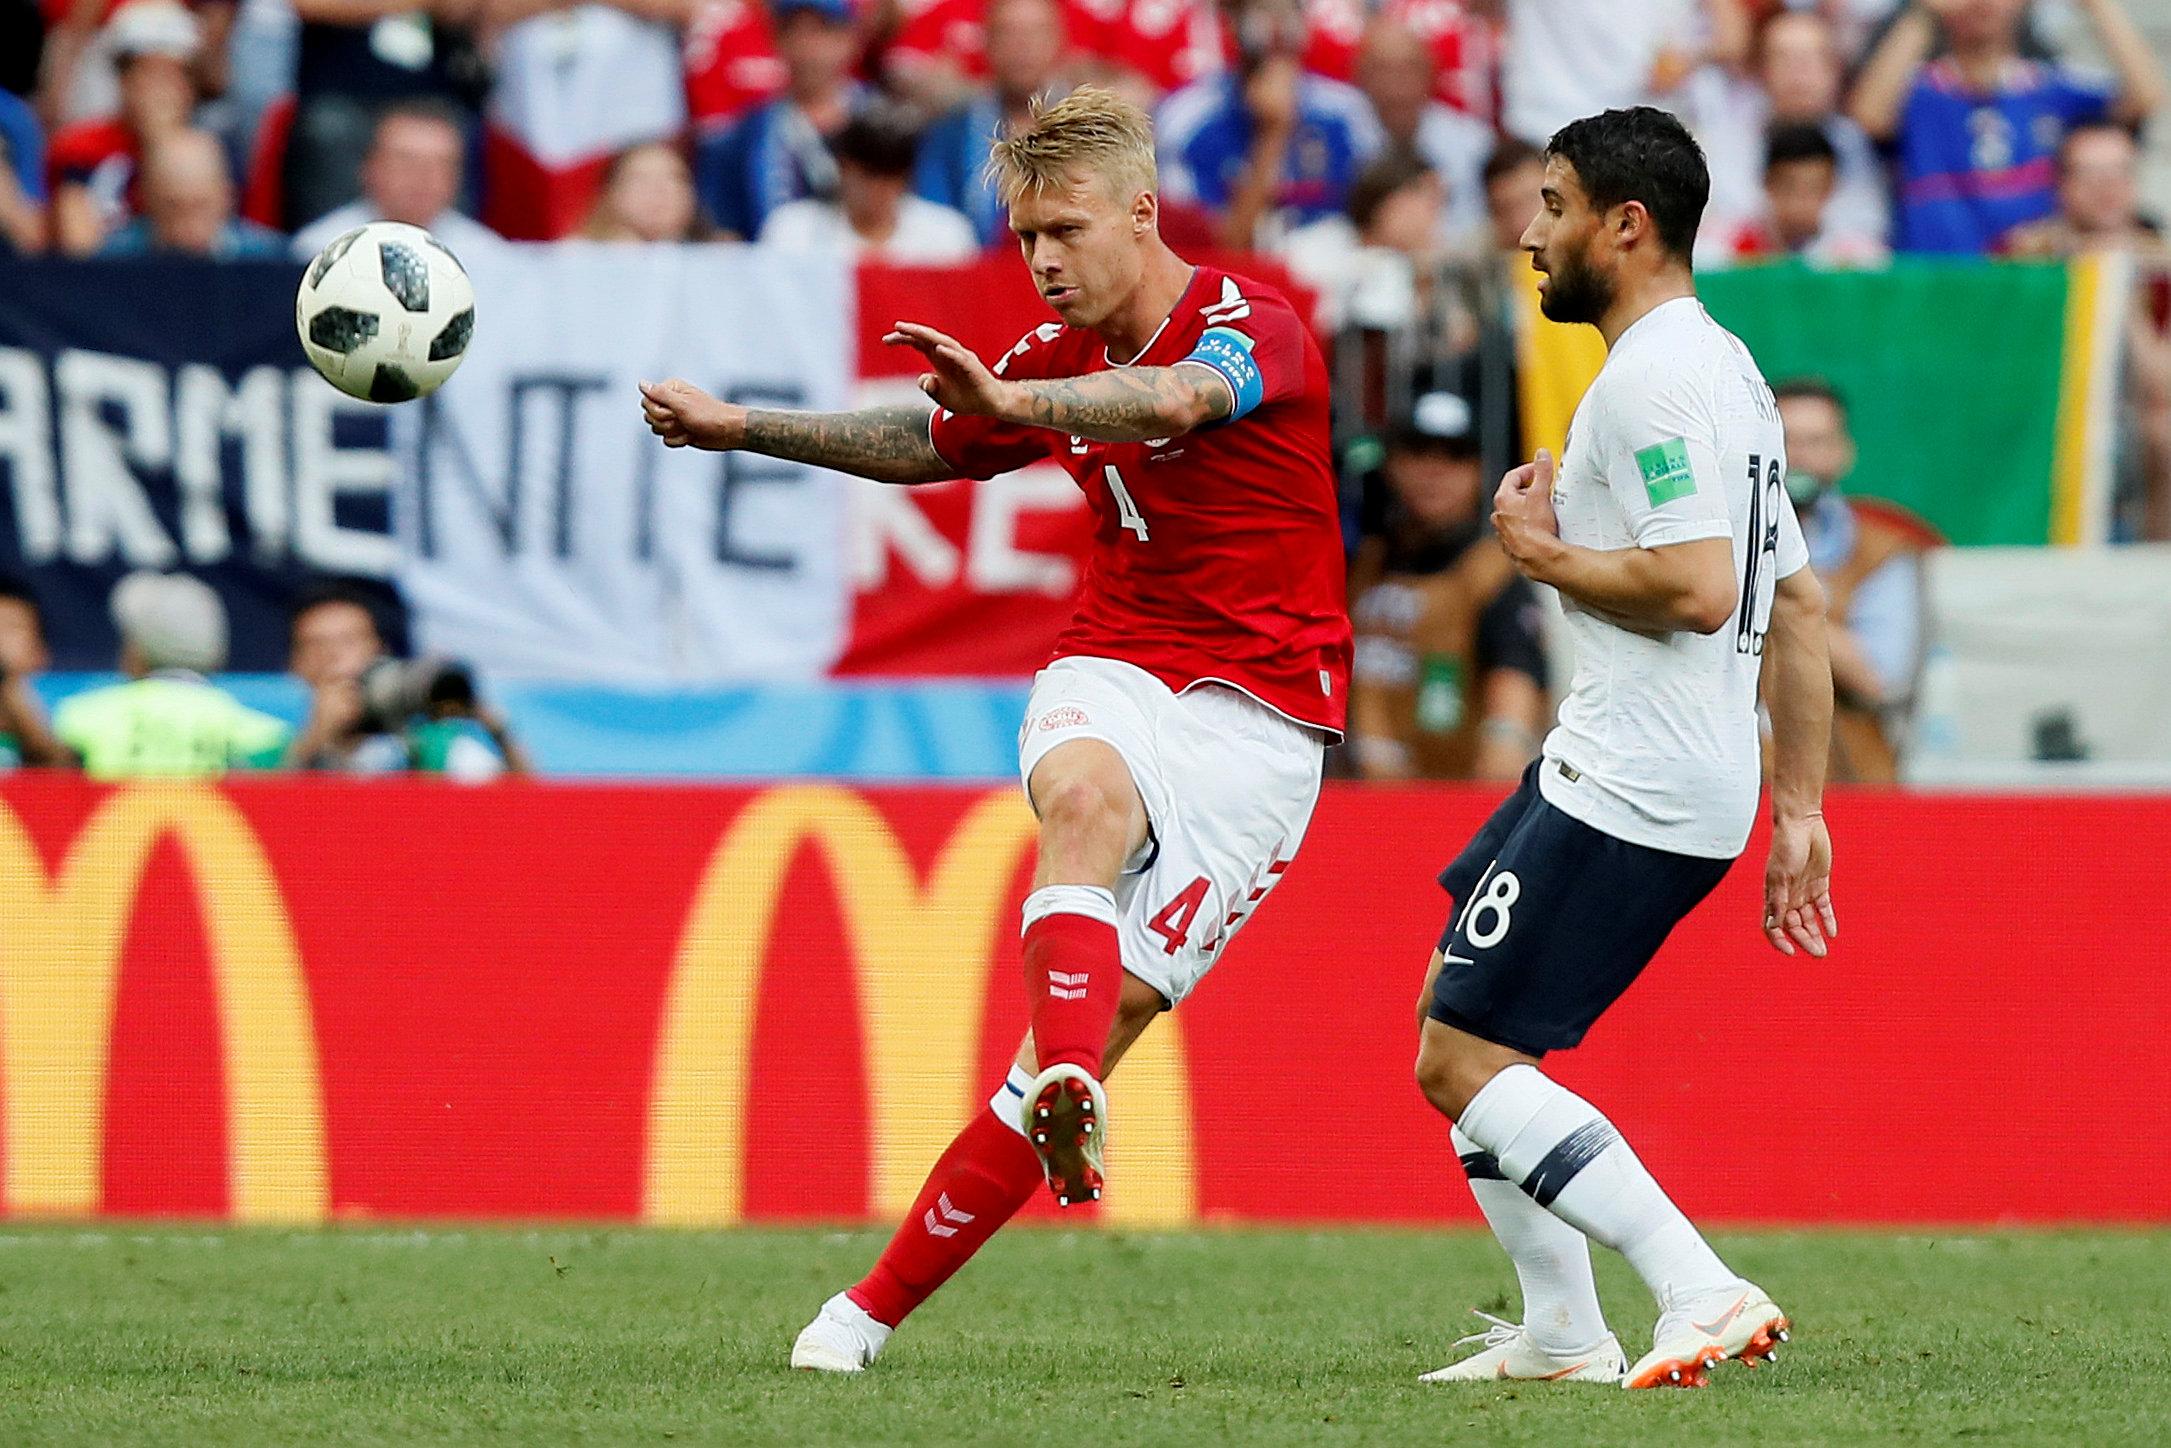 2018-06-26t154637z-1864013471-rc1f572399d0-rtrmadp-3-soccer-worldcup-dnk-fra-jpg-1530028228.jpg